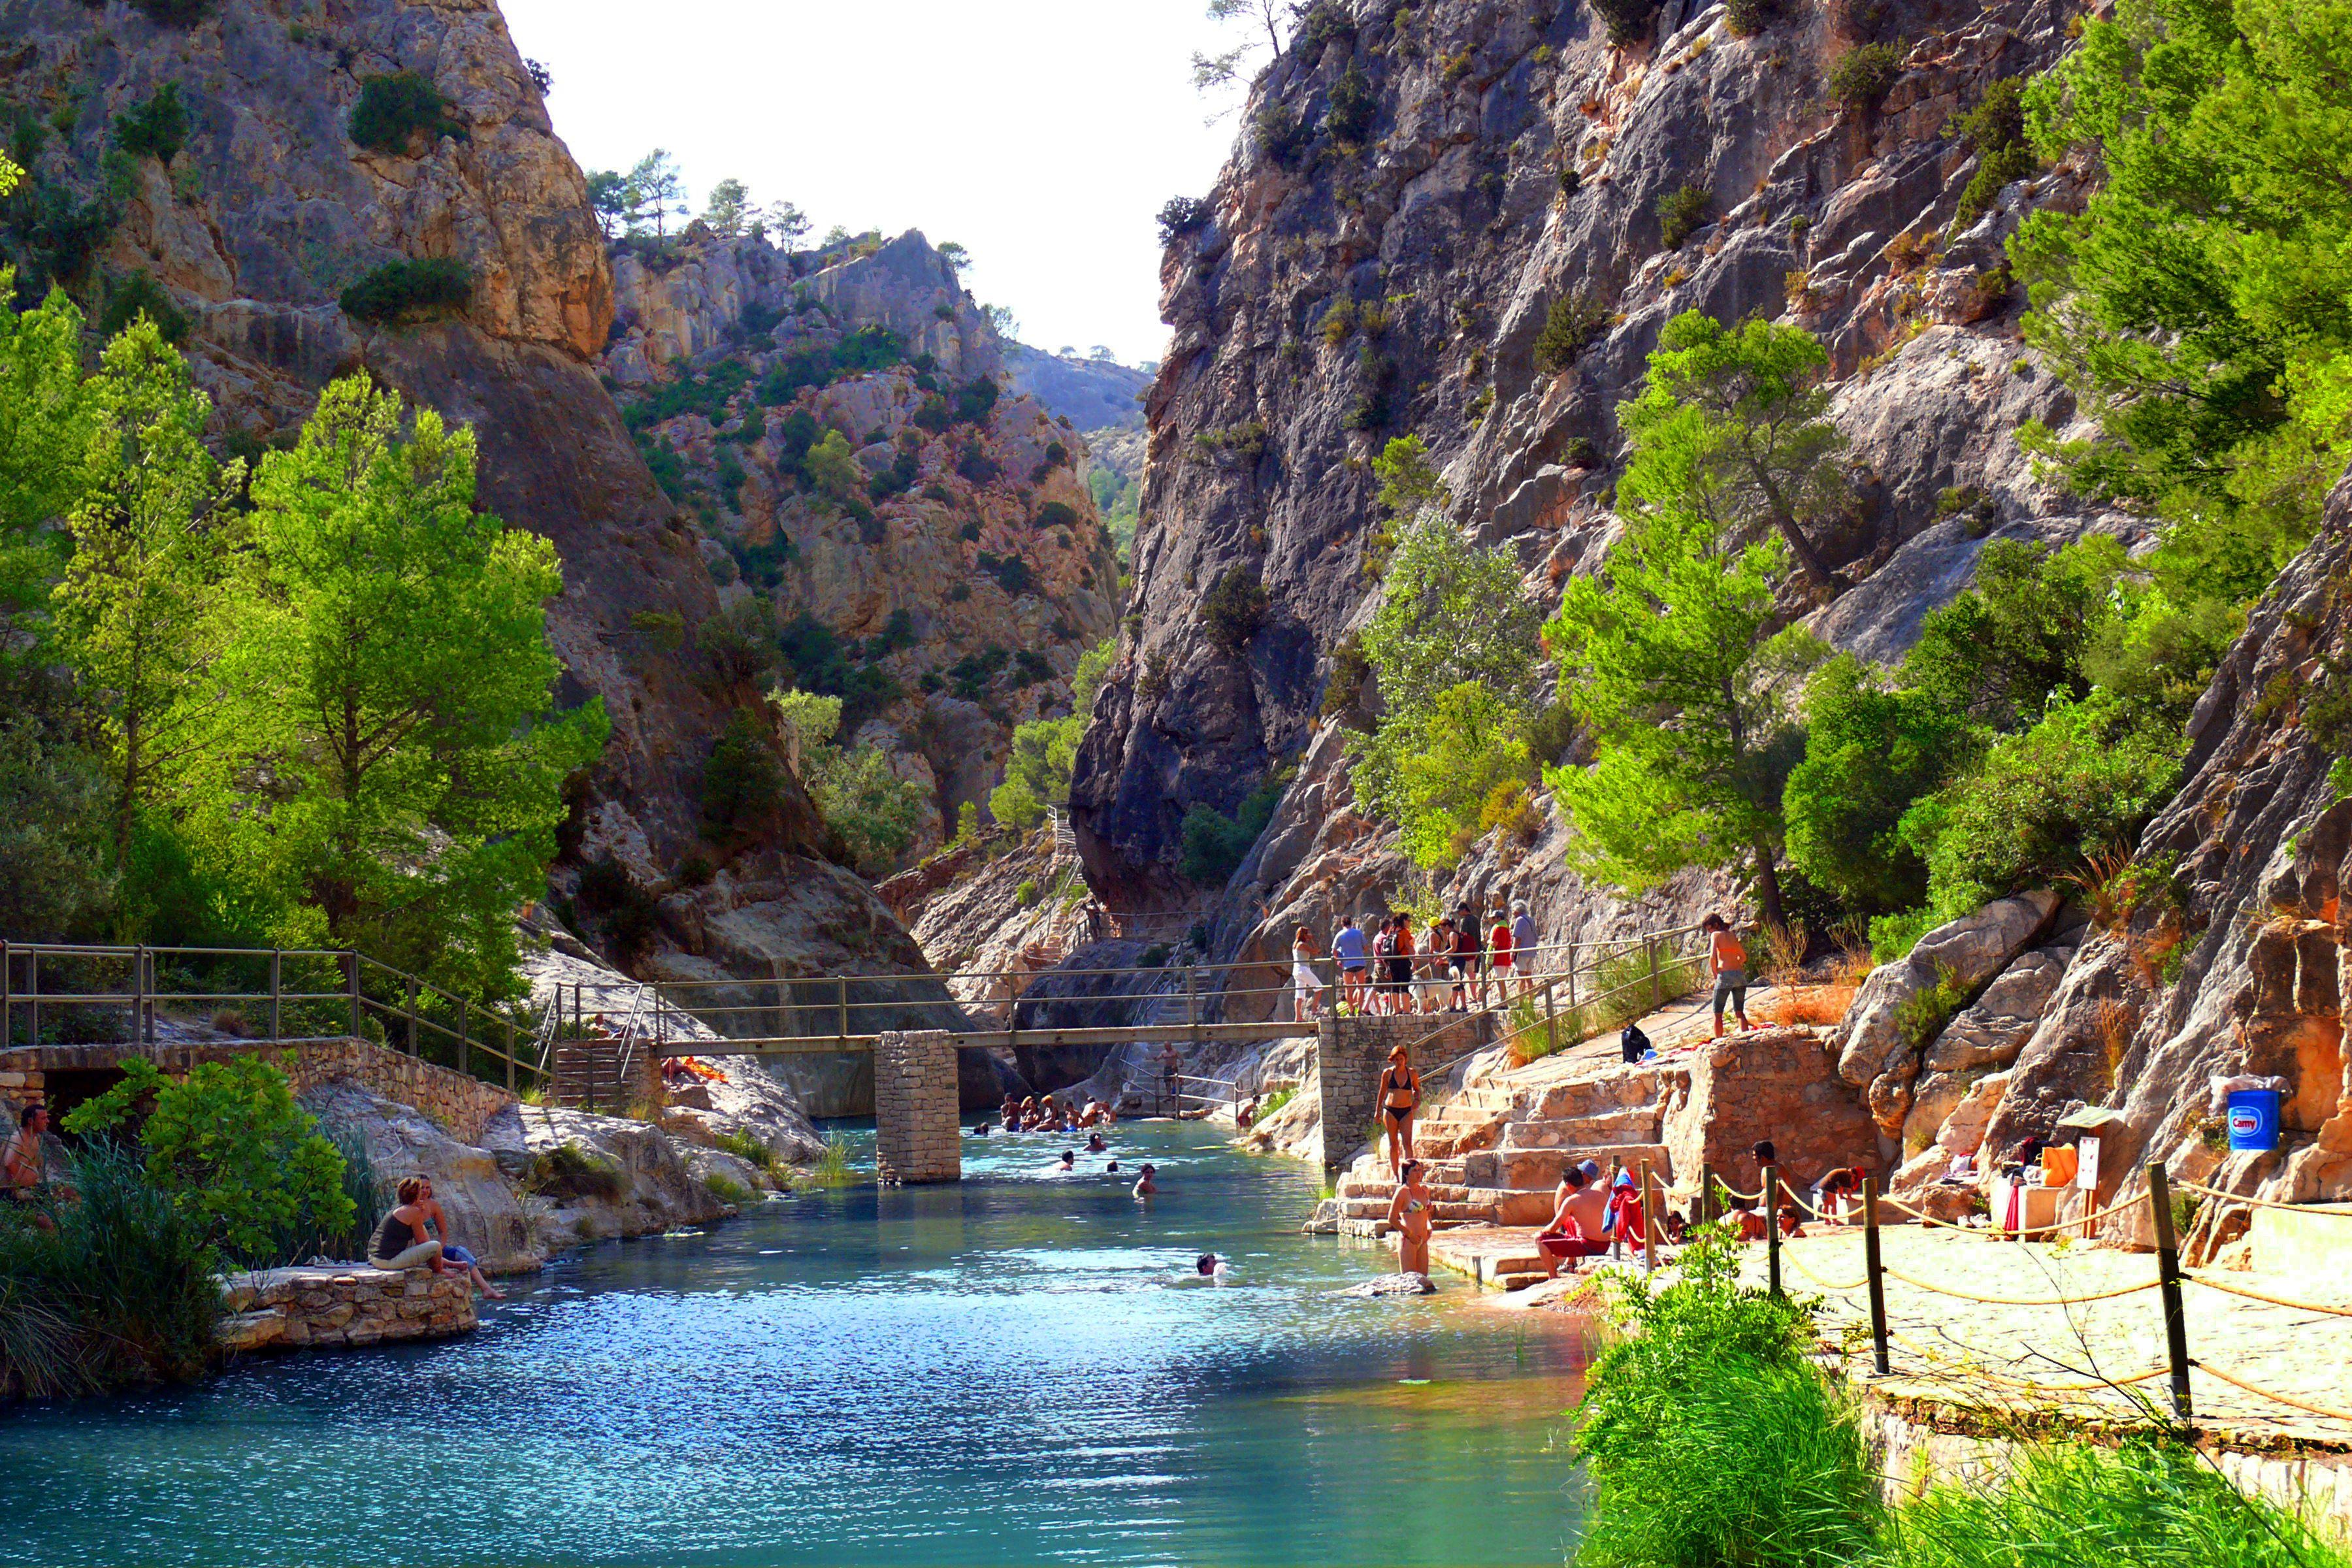 Toda la informaci n sobre la fontcalda balneario de gandesa qu ver cerca alojamientos - Casas rurales con piscina cerca de madrid ...